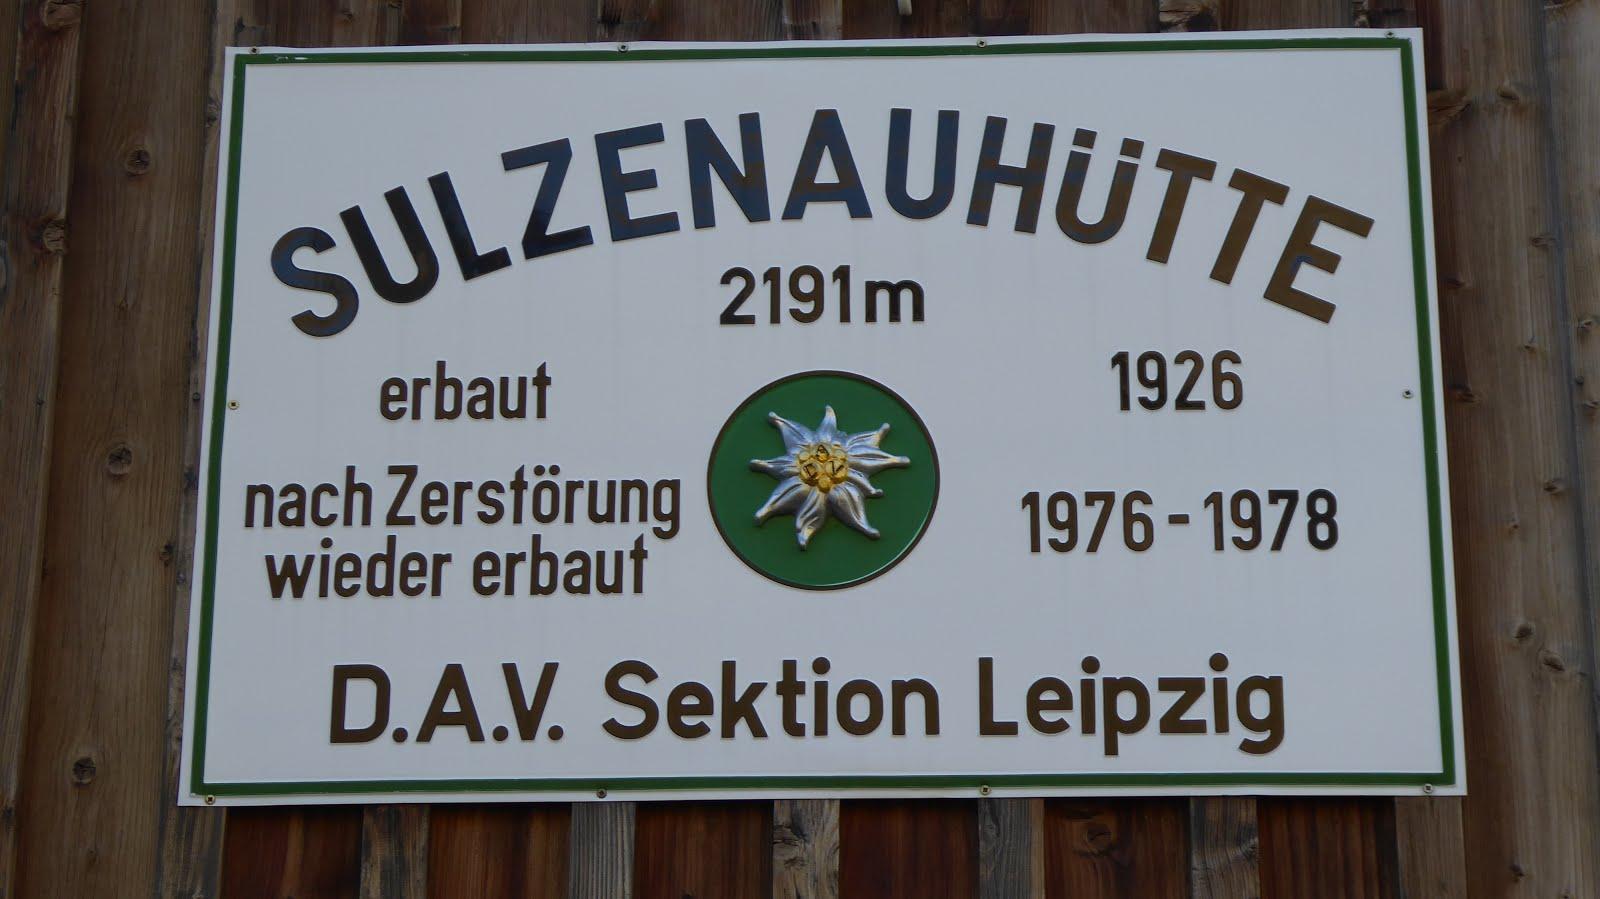 Sulzenau hutte